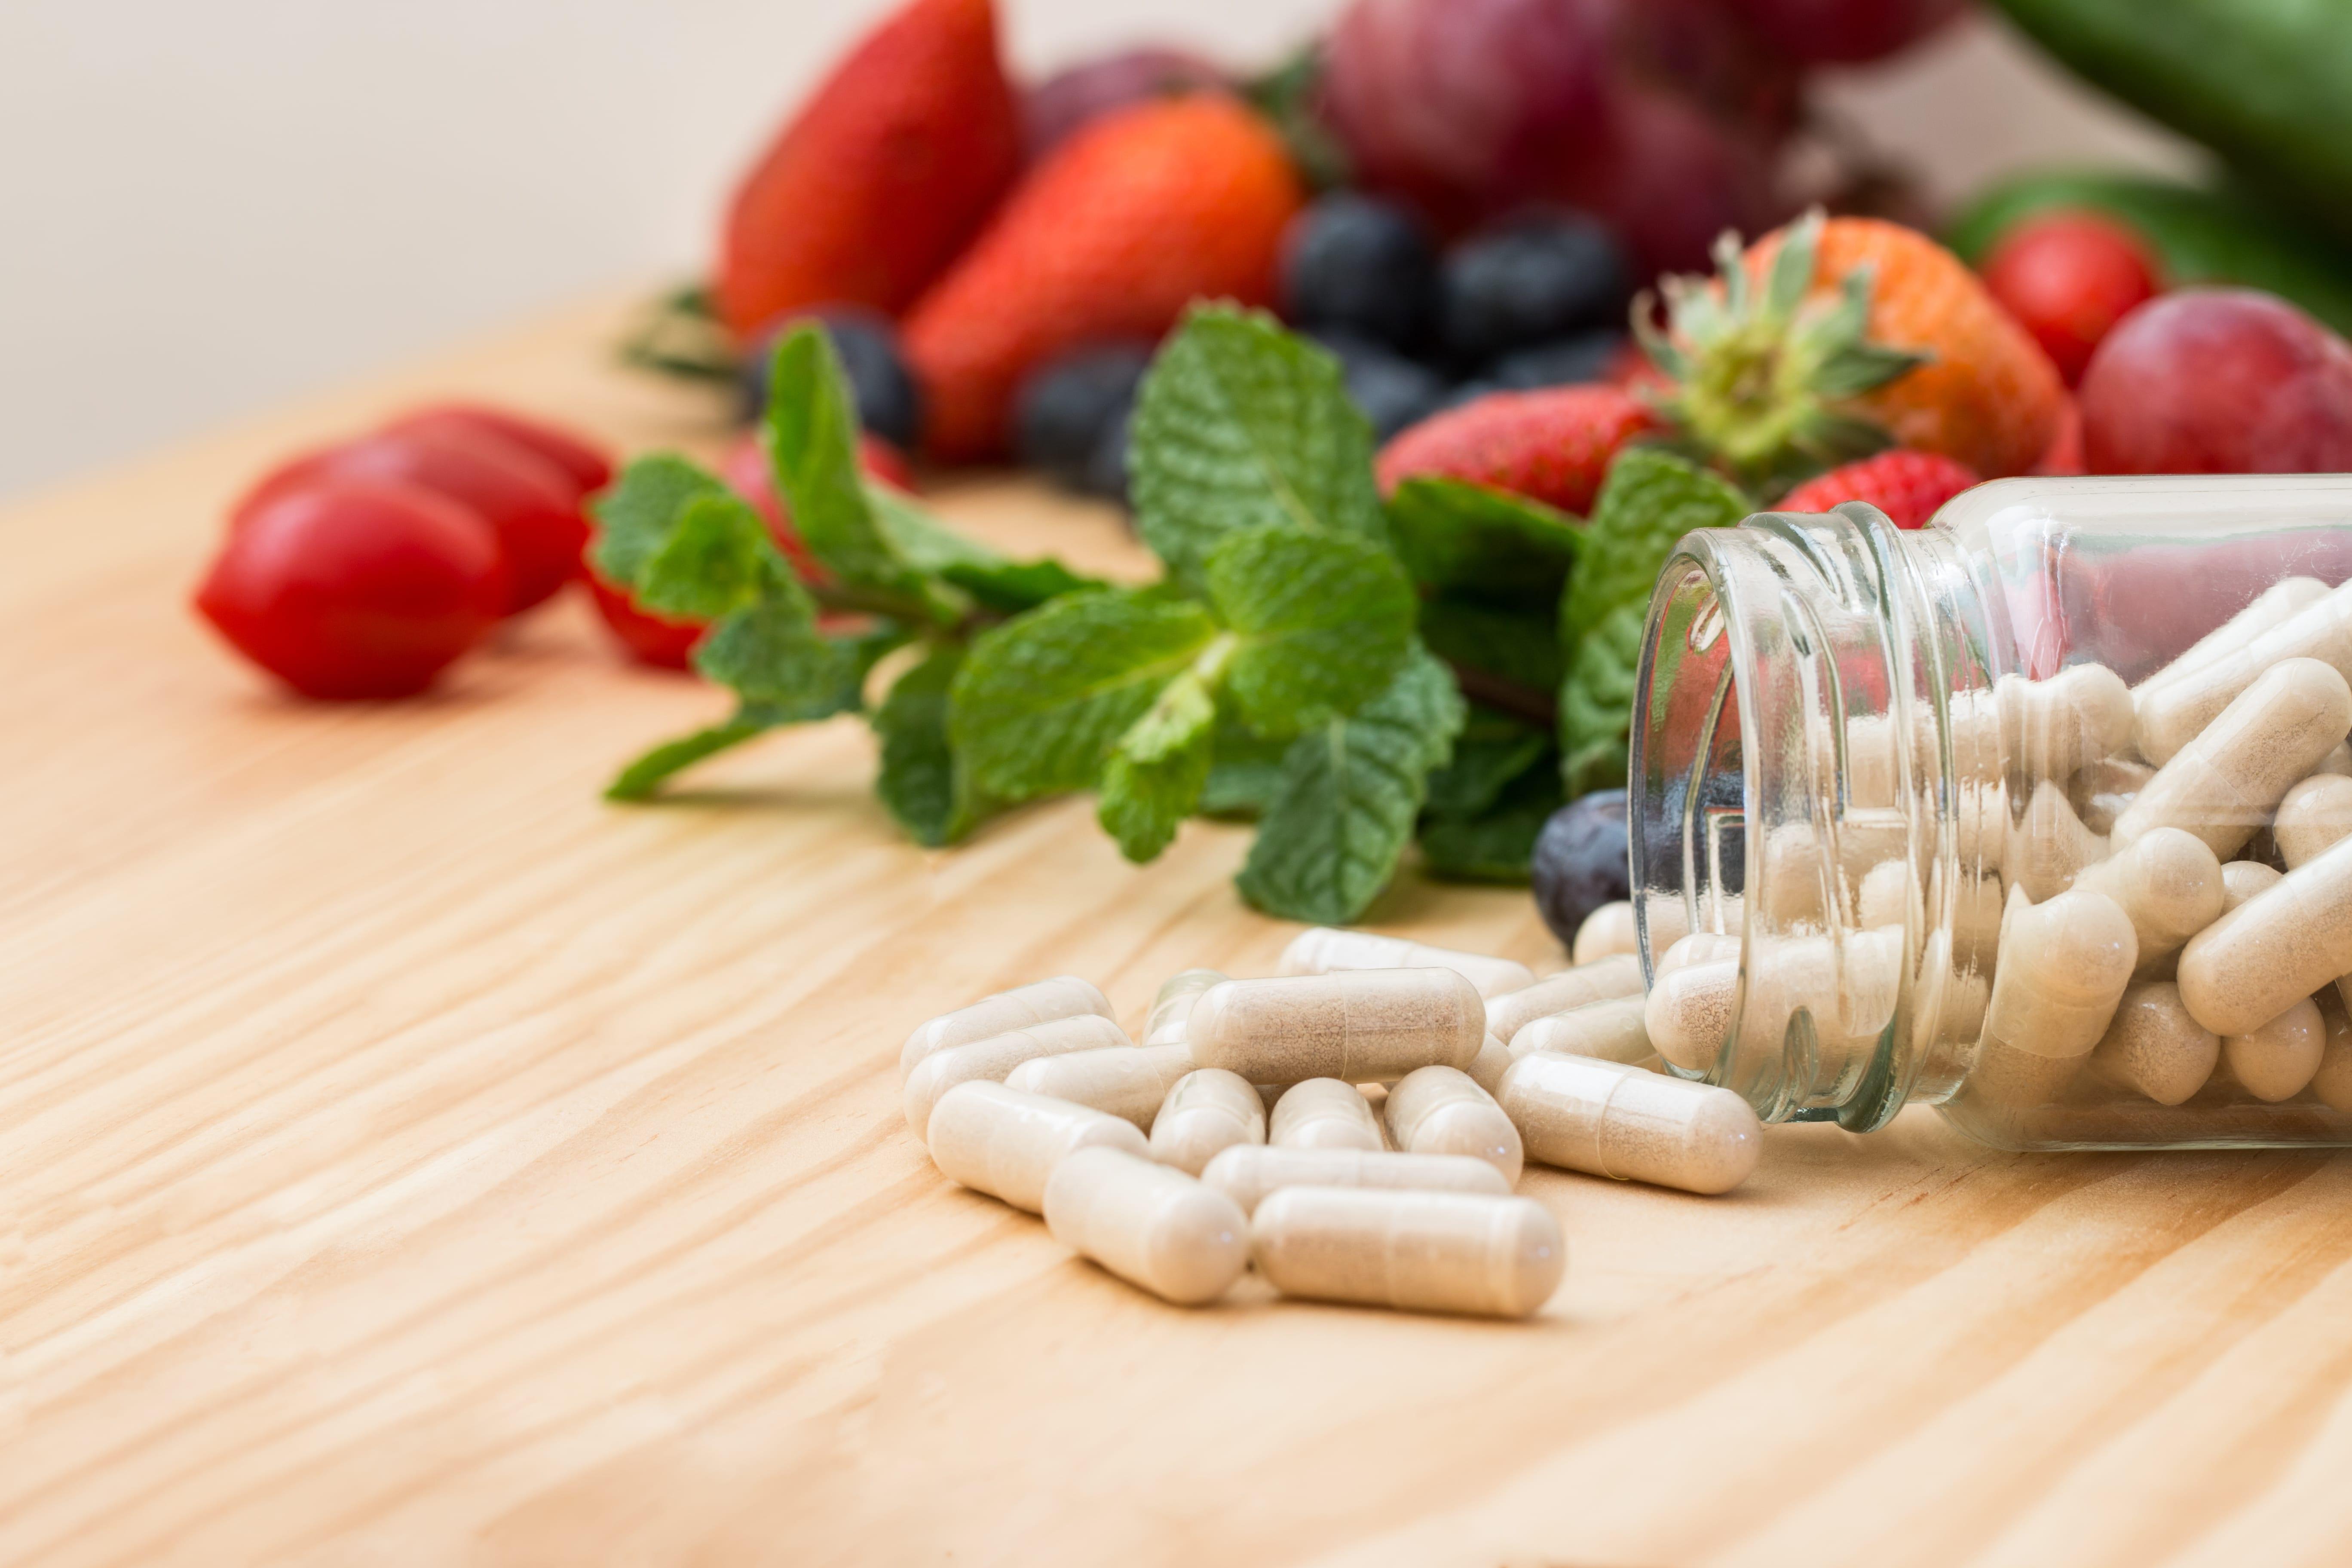 Yapılan şok diyetler şeker hastalığına yol açabilir #3